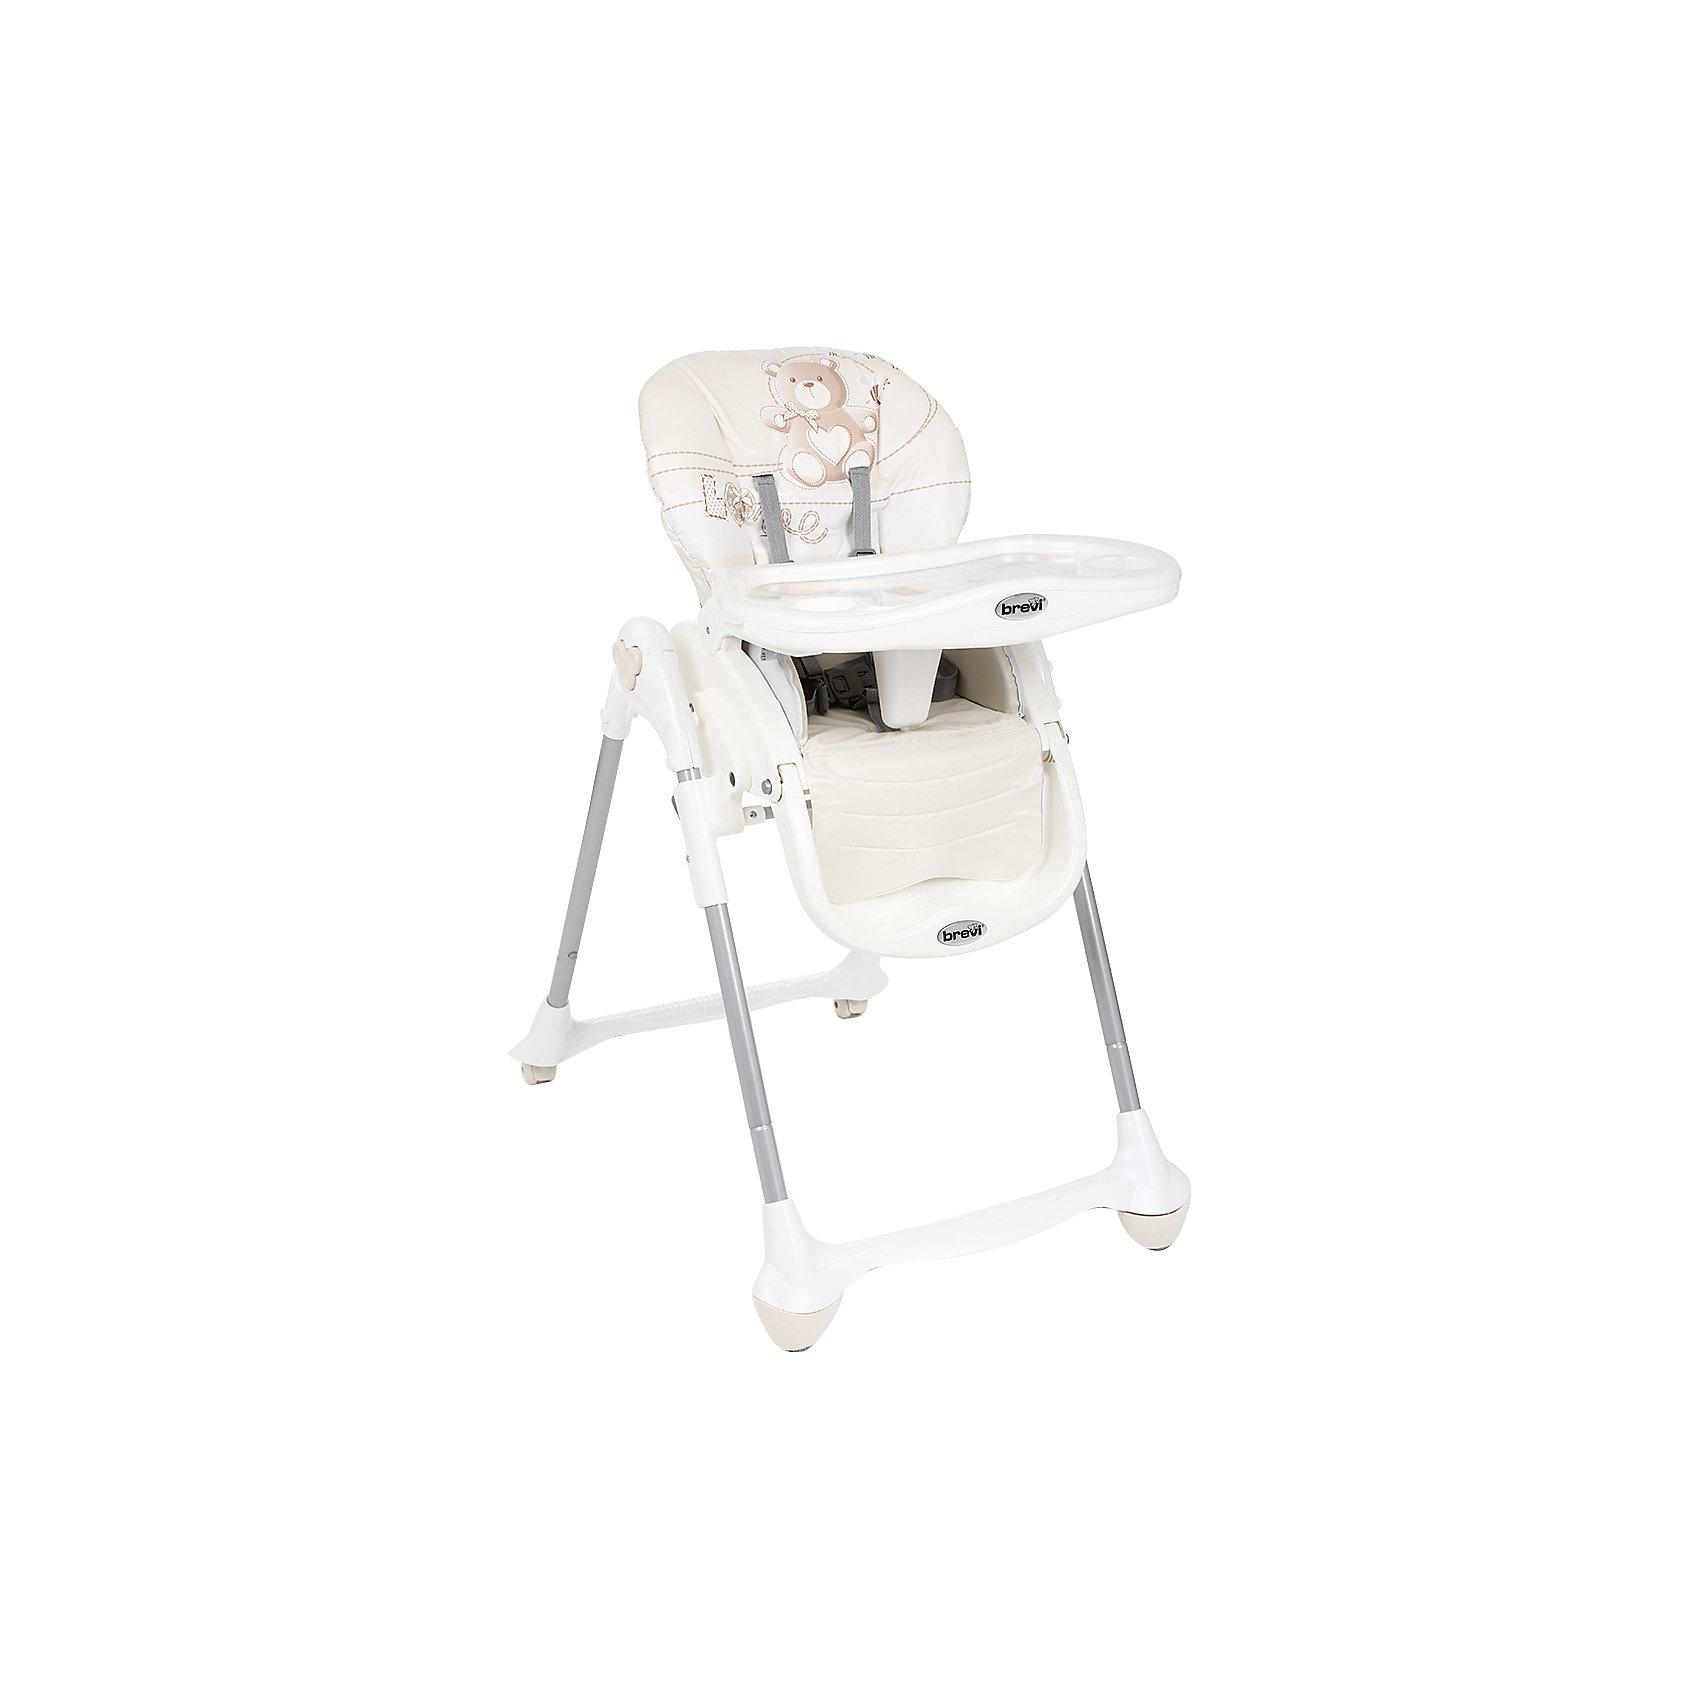 Стульчик для кормления Convivio, Brevi, бежевый/мишкаConvivio, Brevi (брэви) – стульчик для кормления детей от 6 месяцев до 3 лет. Есть три положения спинки для удобства ребенка, три положения подножки и четыре уровня сиденья. Кроме того, привлекательная расцветка превратит любое кормление в настоящее удовольствие для вас и вашего малыша.<br>Особенности и преимущества:<br>-колеса с фиксатором для удобства перемещения стульчика<br>-легкомоющиеся материалы<br>-5-точечные ремни для максимальной безопасности малыша<br>-двойной съемный поднос<br>-очень компактен в собранном виде<br>Размеры: 33x57x68 см<br>Вес: 10,3 кг<br>ВНИМАНИЕ! Данный артикул имеется в наличии в разных цветовых исполнениях (св.серый/лисички, розовый/зайчик, оранжевый/сафари, голубой/полоски, бежевый/мишка). К сожалению, заранее выбрать определенный цвет не возможно.<br>Вы можете приобрести стульчик для кормления Convivio в нашем интернет-магазине<br><br>Ширина мм: 680<br>Глубина мм: 570<br>Высота мм: 330<br>Вес г: 10300<br>Возраст от месяцев: 0<br>Возраст до месяцев: 36<br>Пол: Унисекс<br>Возраст: Детский<br>SKU: 4902076